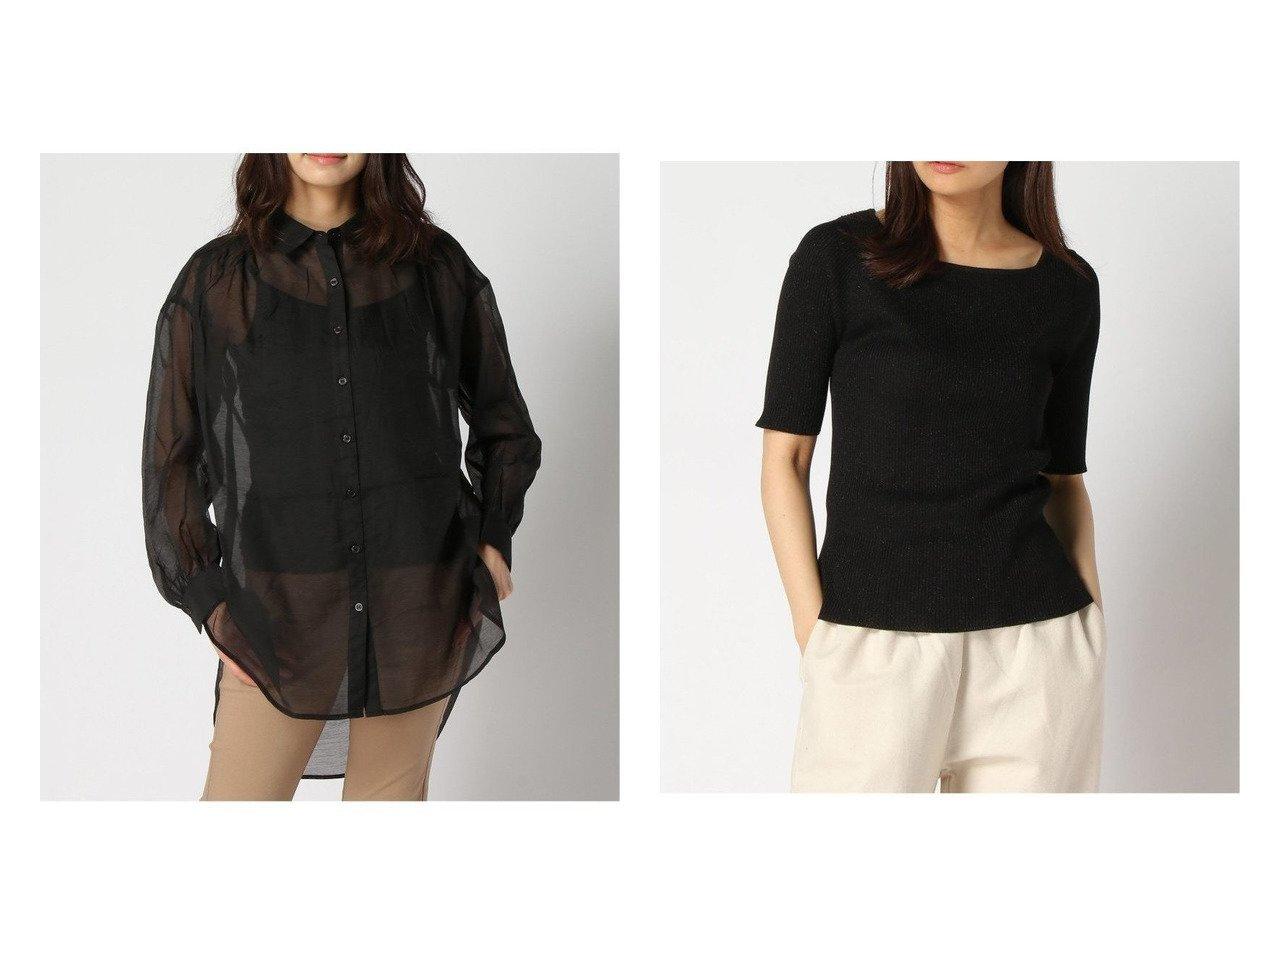 【GLOBAL WORK/グローバルワーク】のアンサンブルラメニットPO+D&シアーソデボリュームシャツ 【プチプライス】おすすめ!人気トレンド・ファッション通販 おすすめで人気の流行・トレンド、ファッションの通販商品 インテリア・家具・メンズファッション・キッズファッション・レディースファッション・服の通販 founy(ファニー) https://founy.com/ ファッション Fashion レディースファッション WOMEN トップス・カットソー Tops/Tshirt シャツ/ブラウス Shirts/Blouses ニット Knit Tops アンサンブル Knit Ensemble おすすめ Recommend インナー ギャザー トレンド ベーシック 今季 長袖 アンサンブル カーディガン キャミワンピース スクエア 半袖 |ID:crp329100000040138